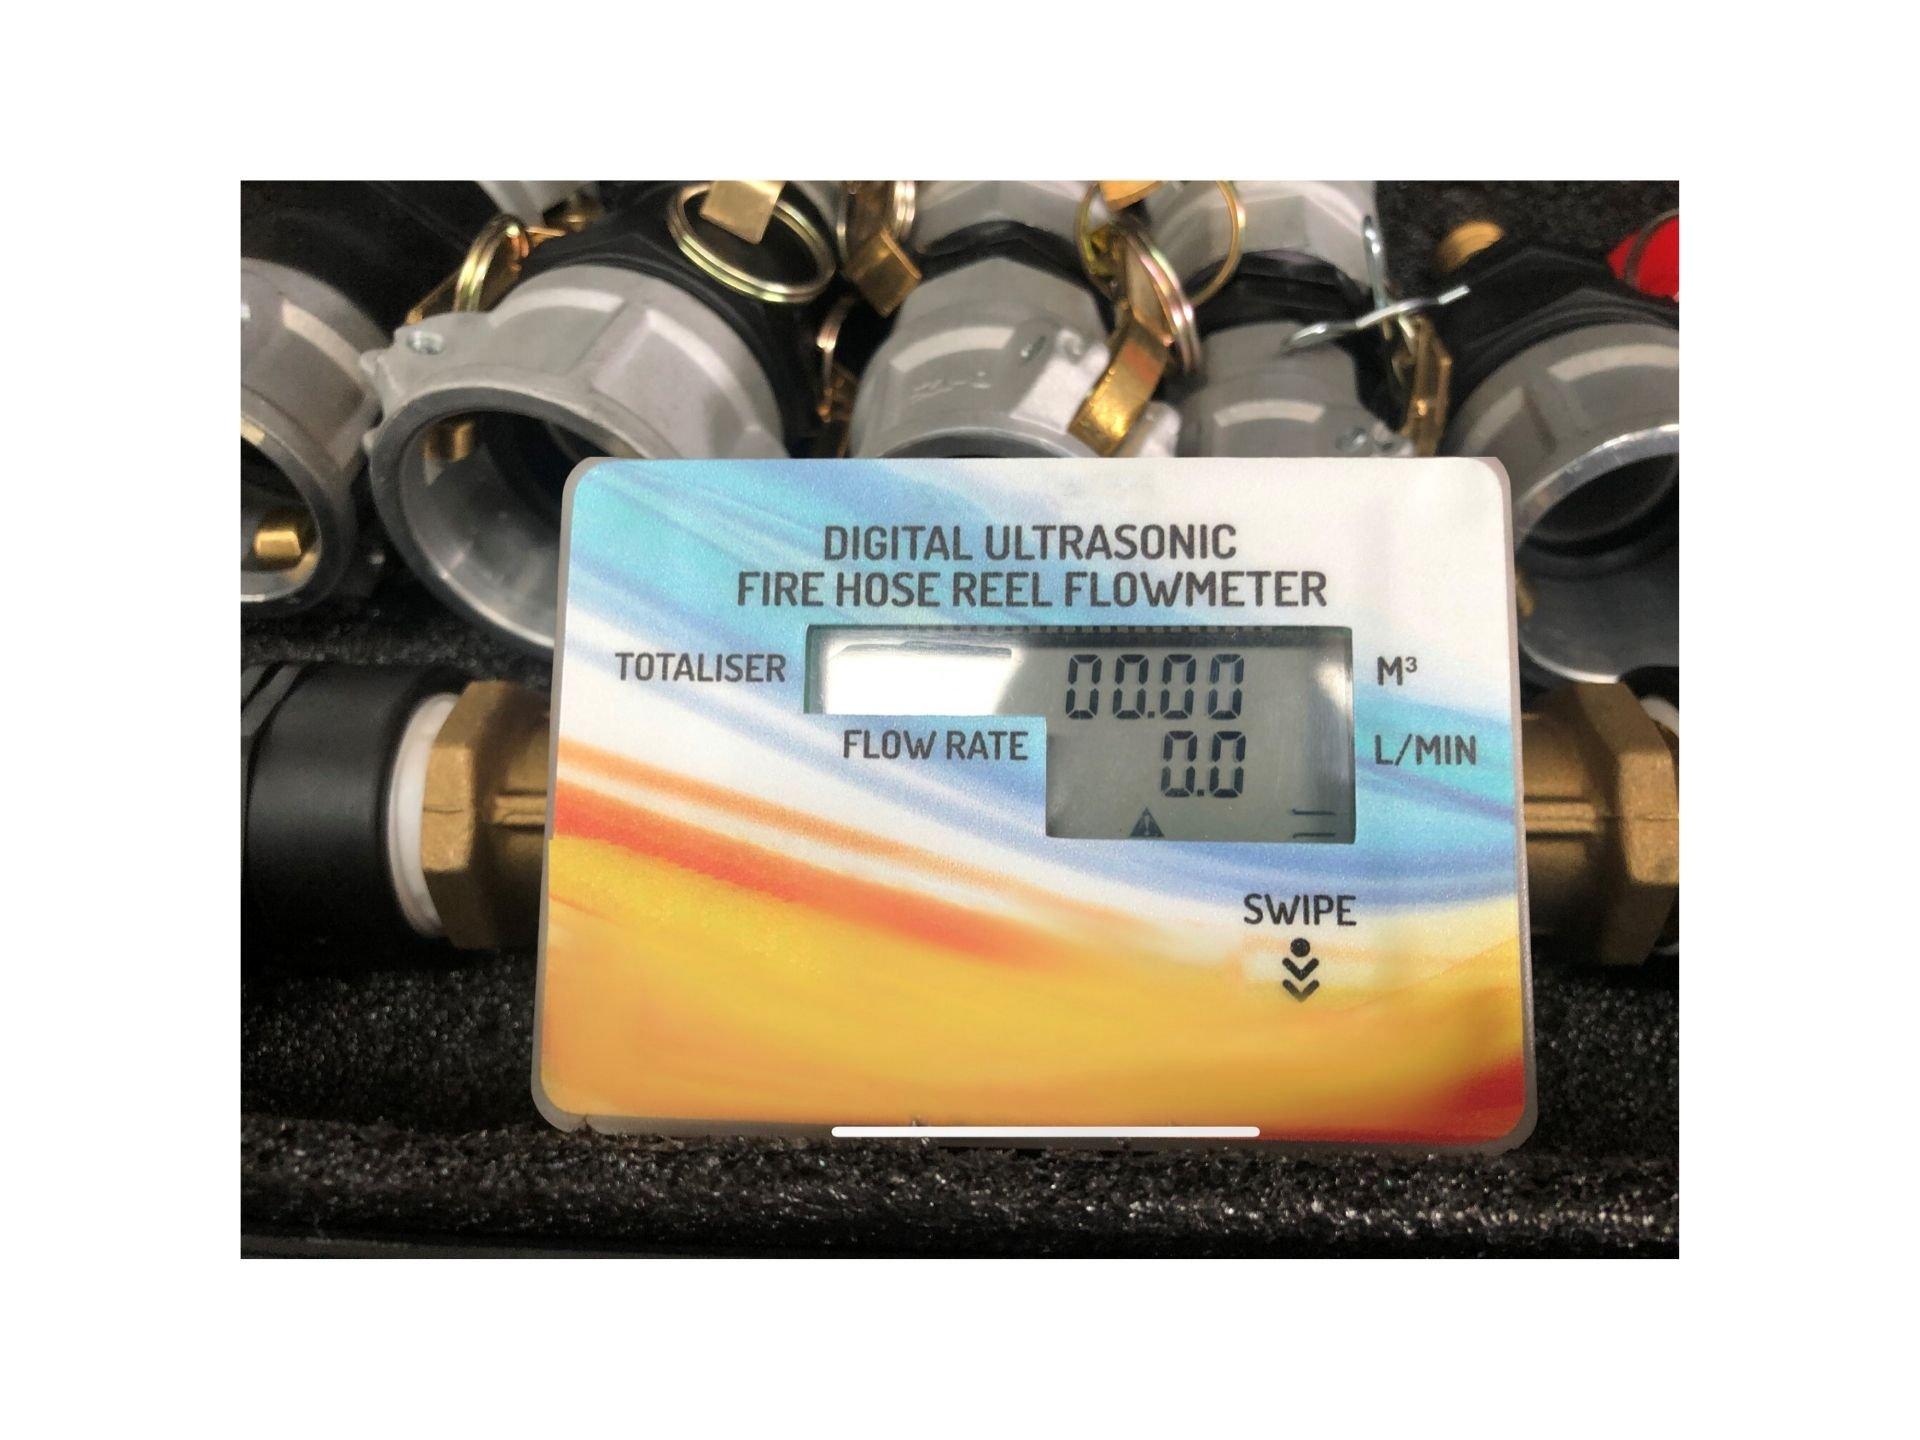 Fire Hose reel flow meter